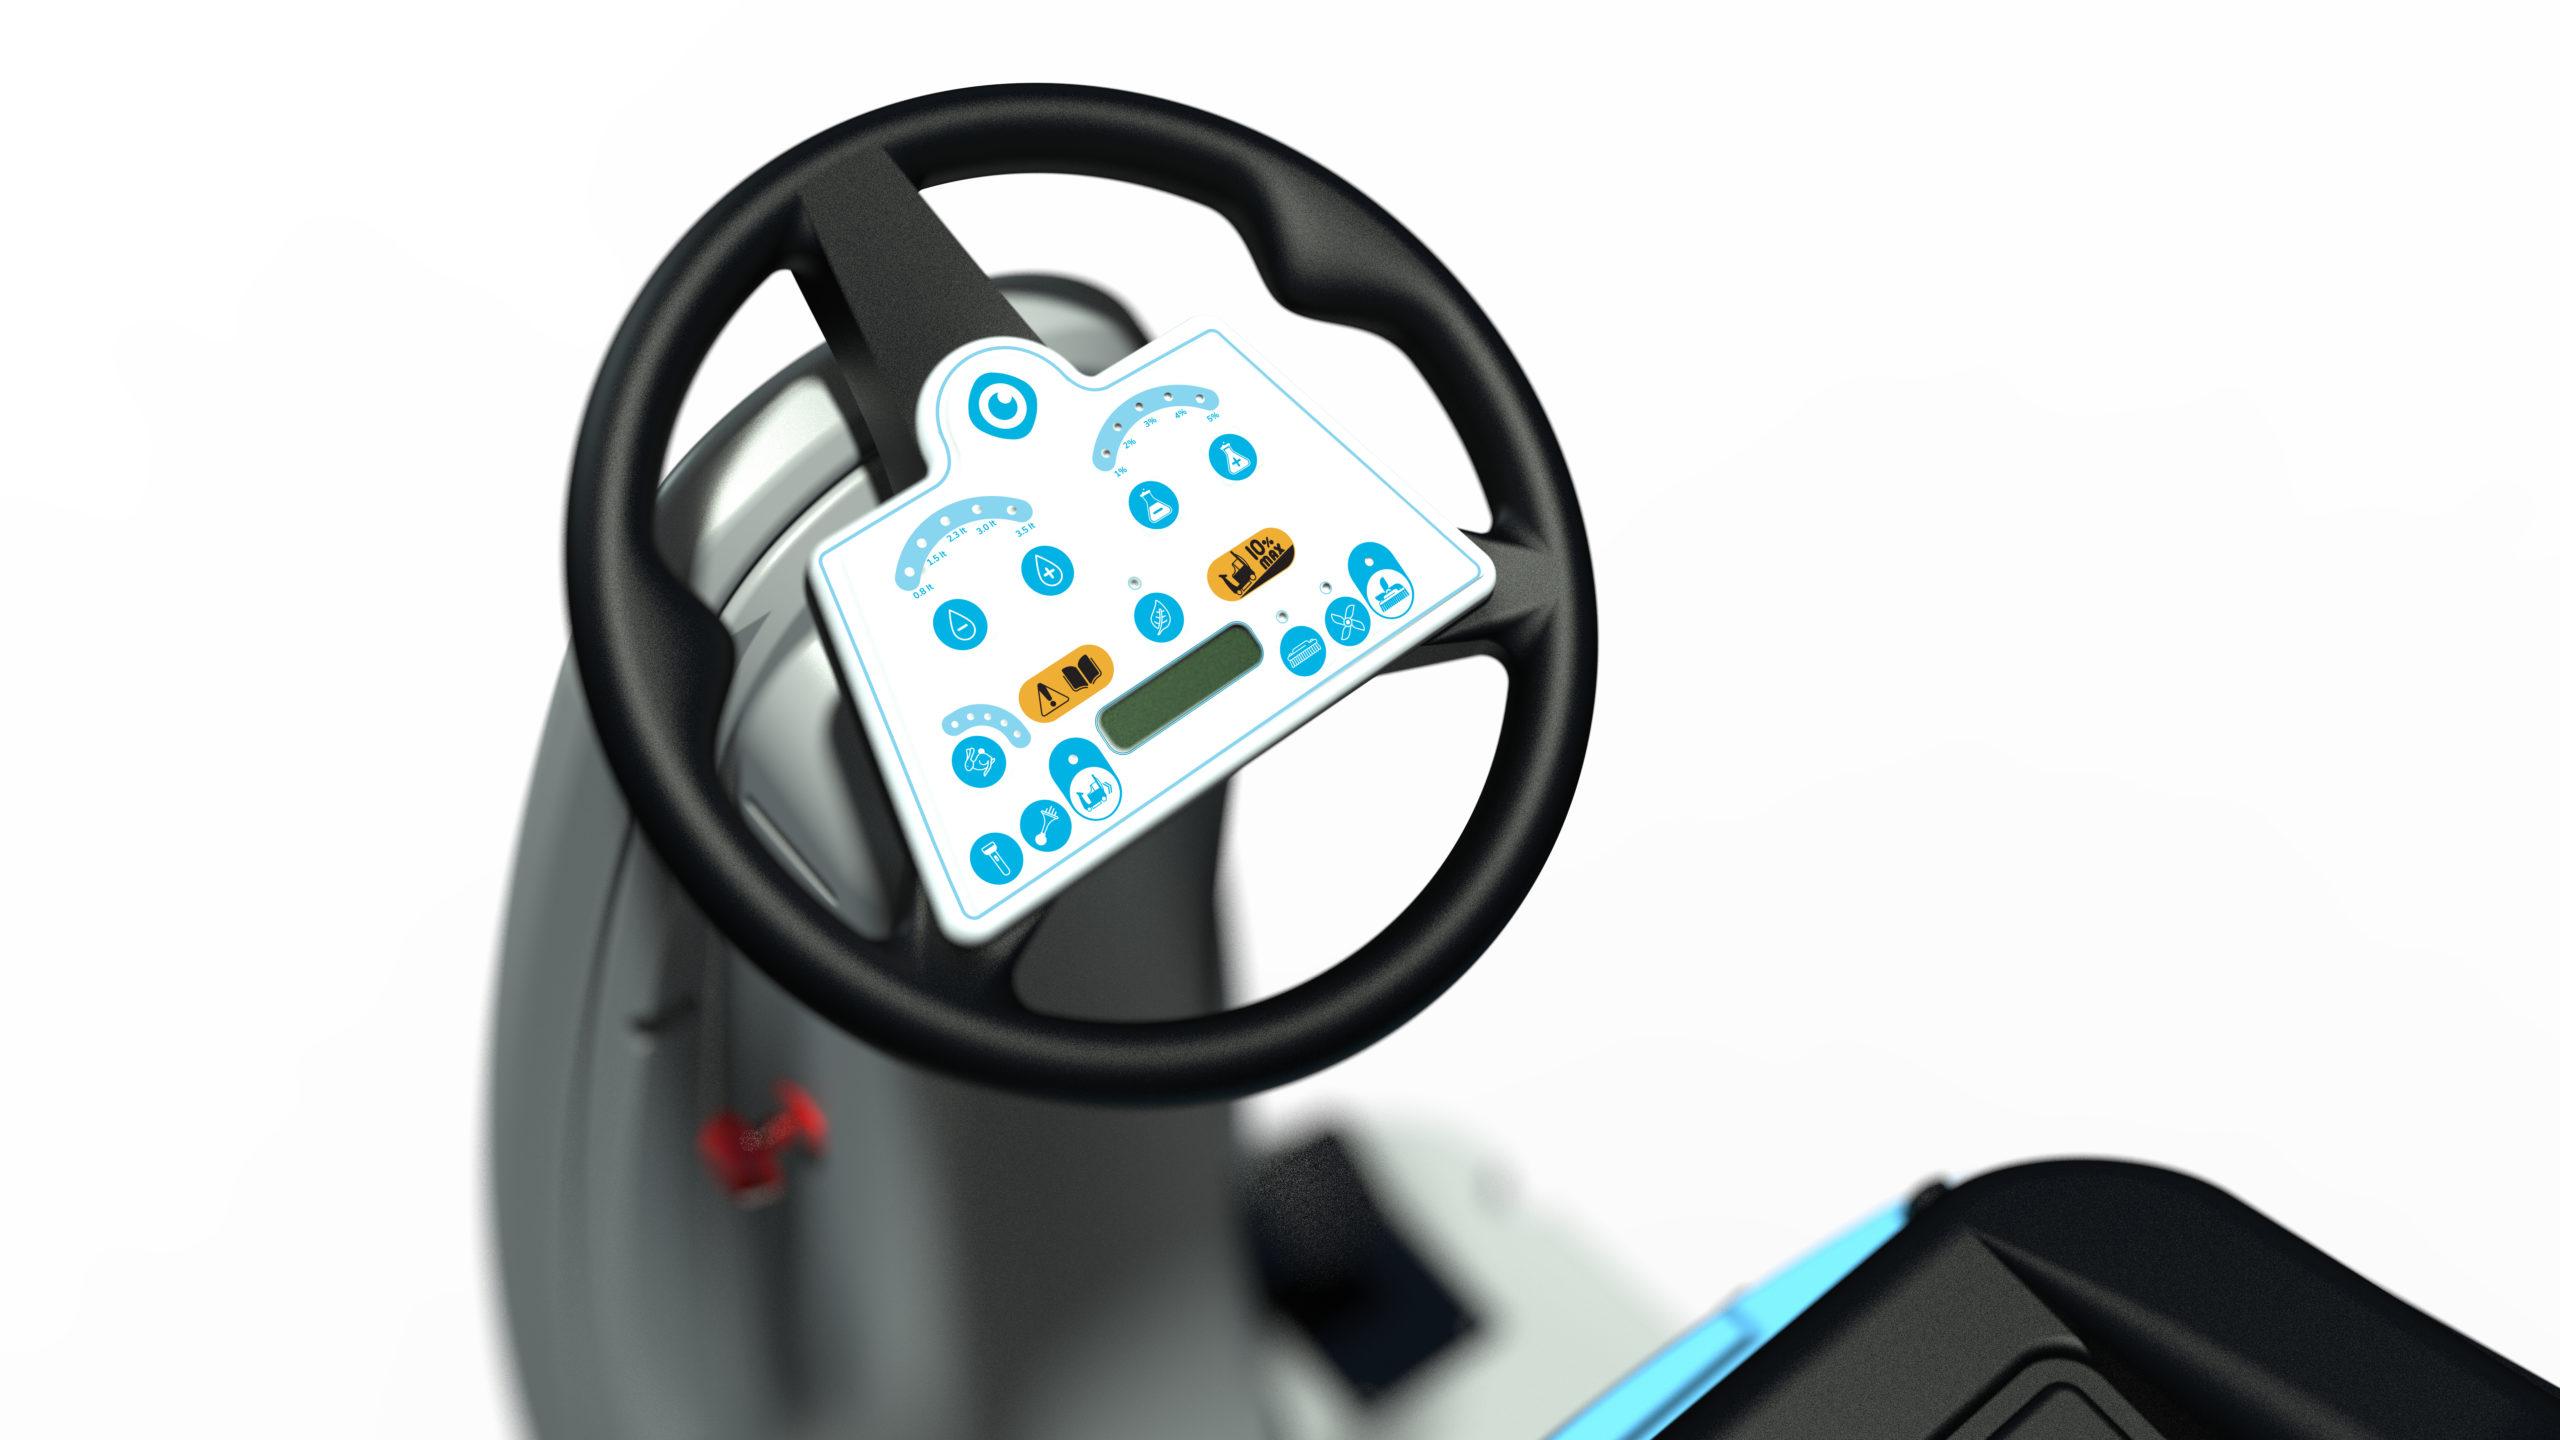 Användarvänlig - enkla kontroller